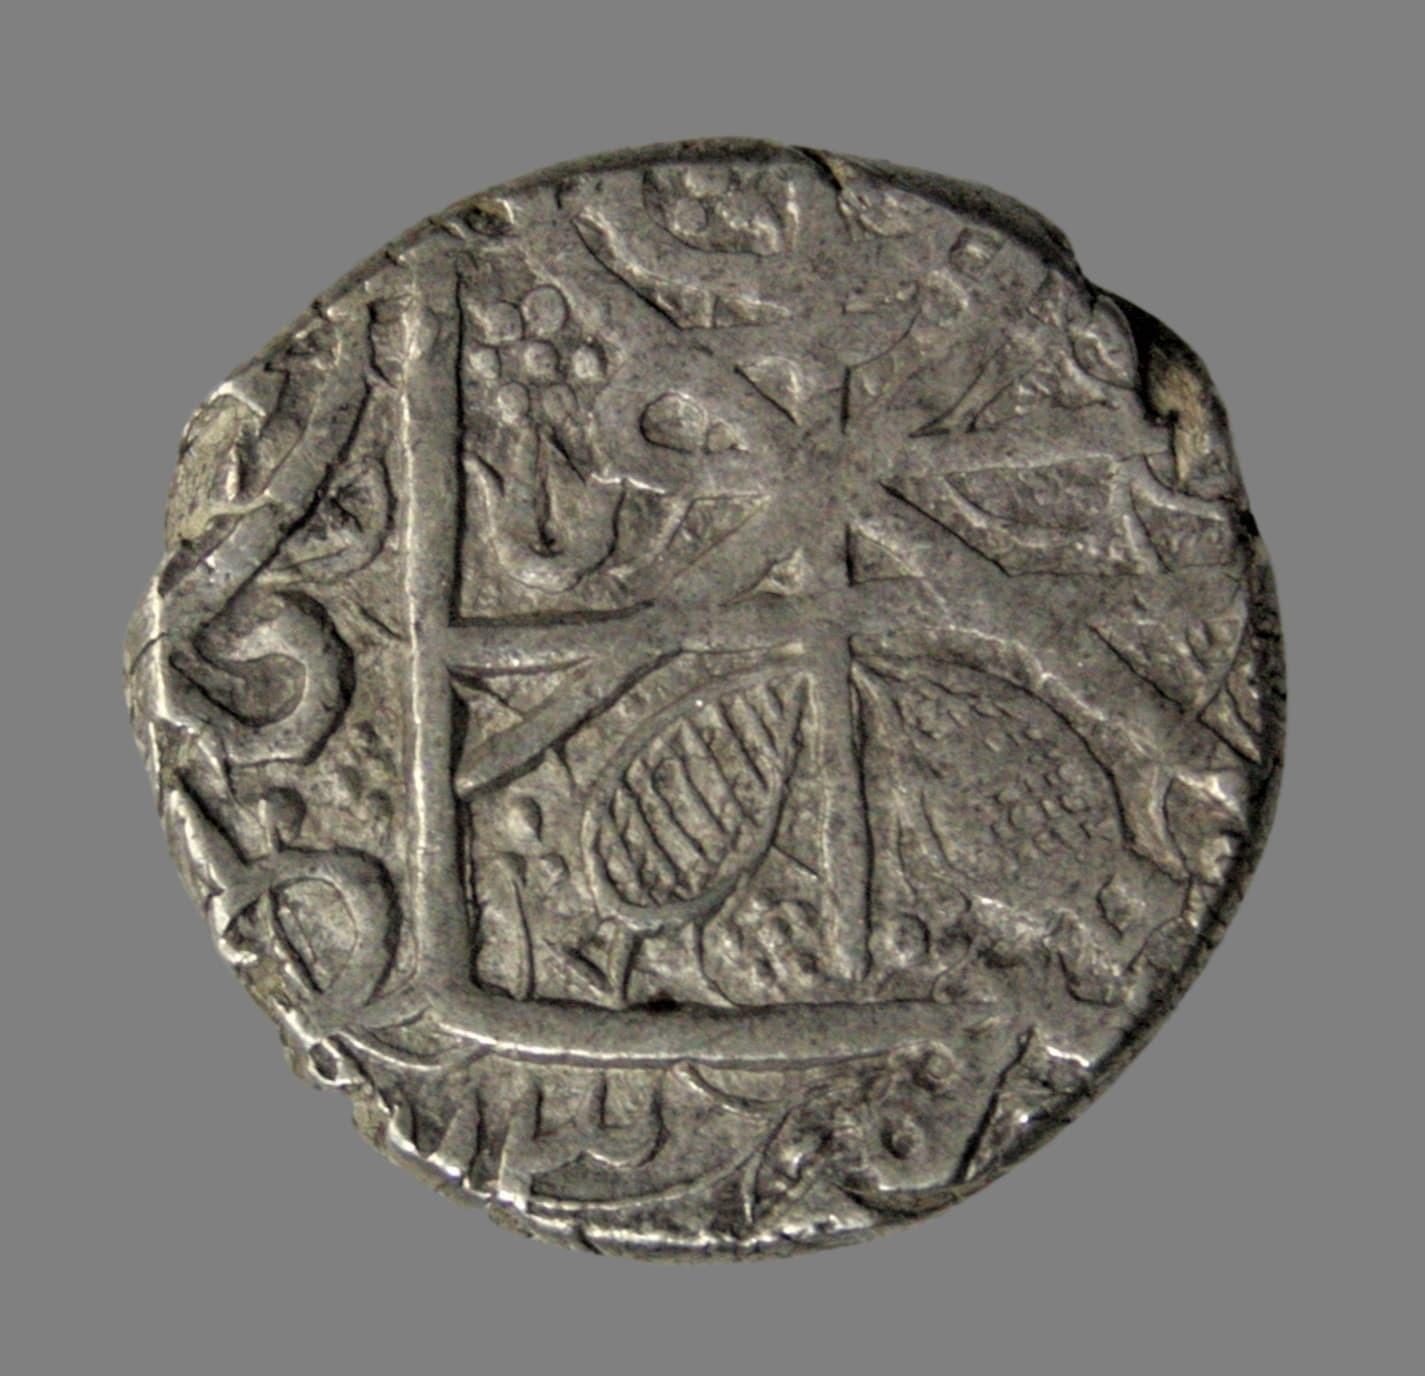 Afghanistan, rupee 1860